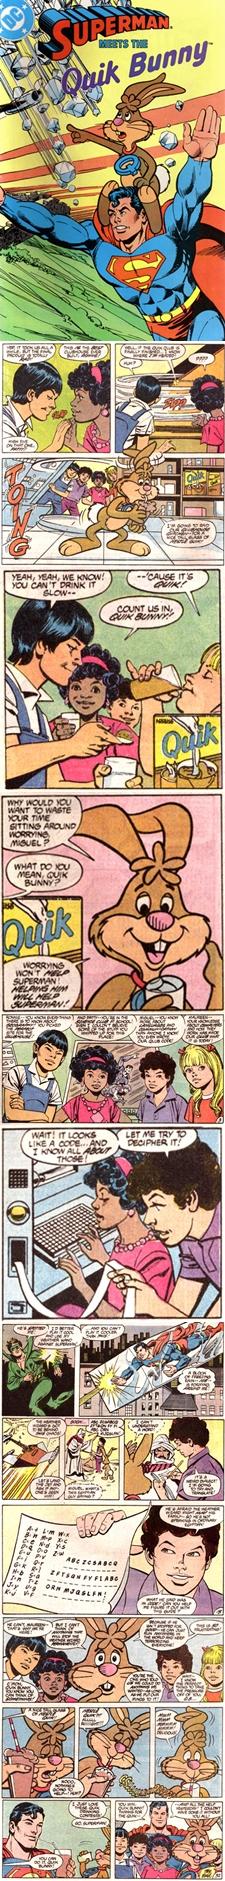 Superman Meets Quik Bunny - Superman e o Coelho Quik do Achocolatado